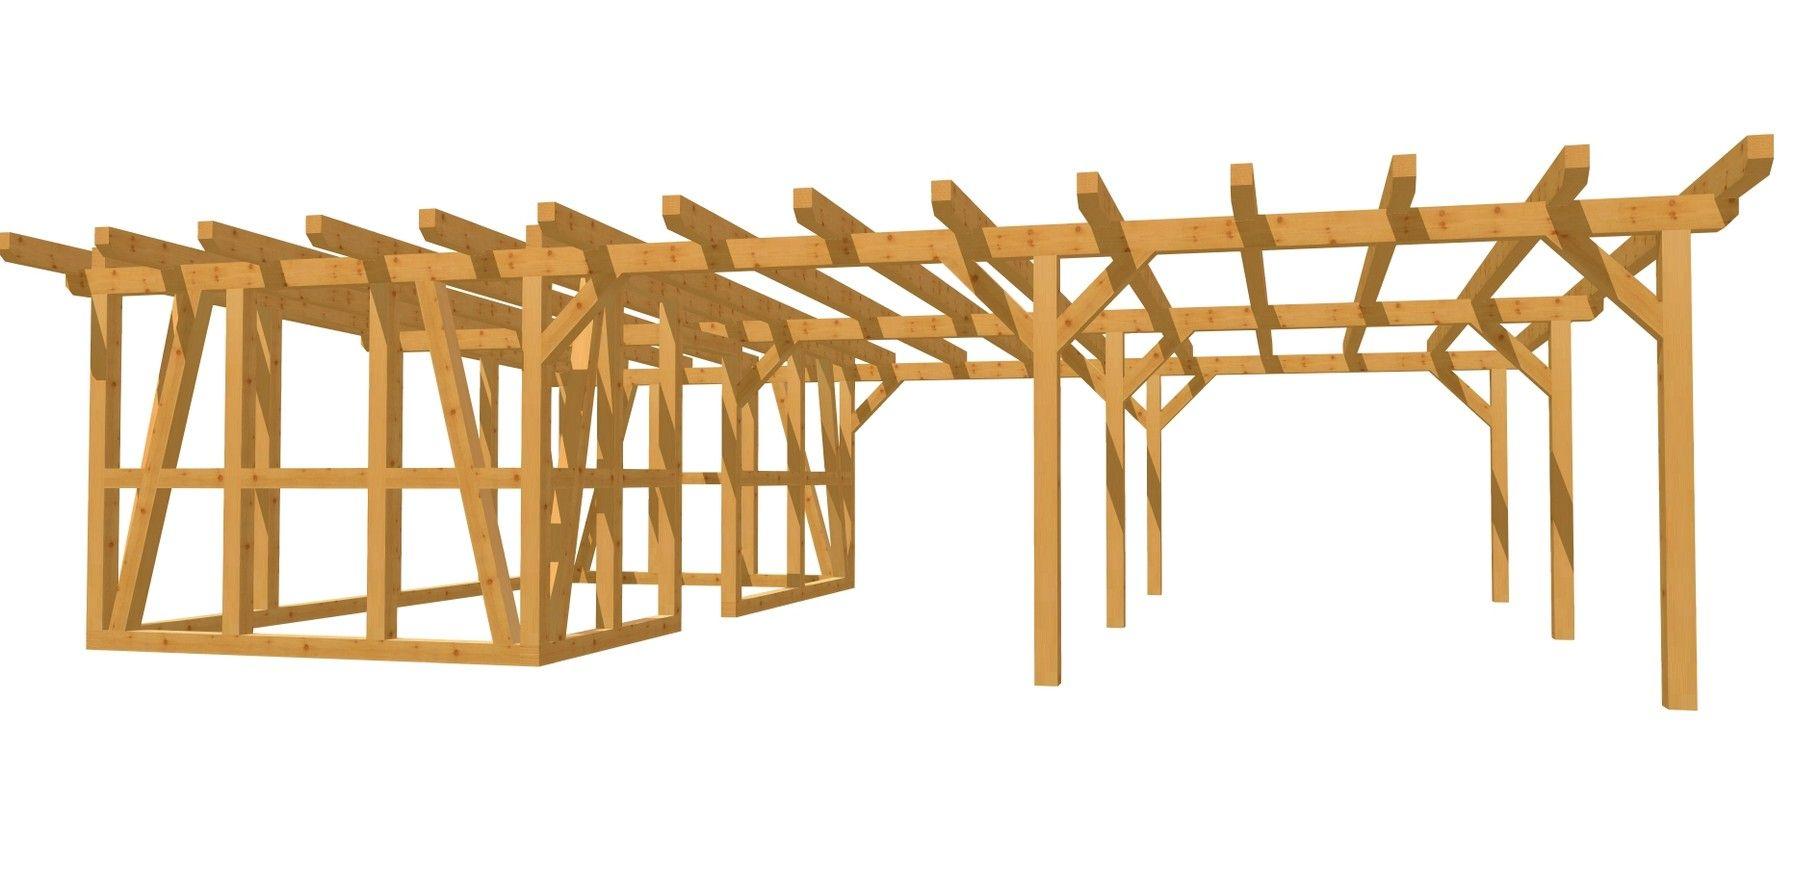 Carport mit Geräteschuppen Holz DIY Anleitung 9m x 6m